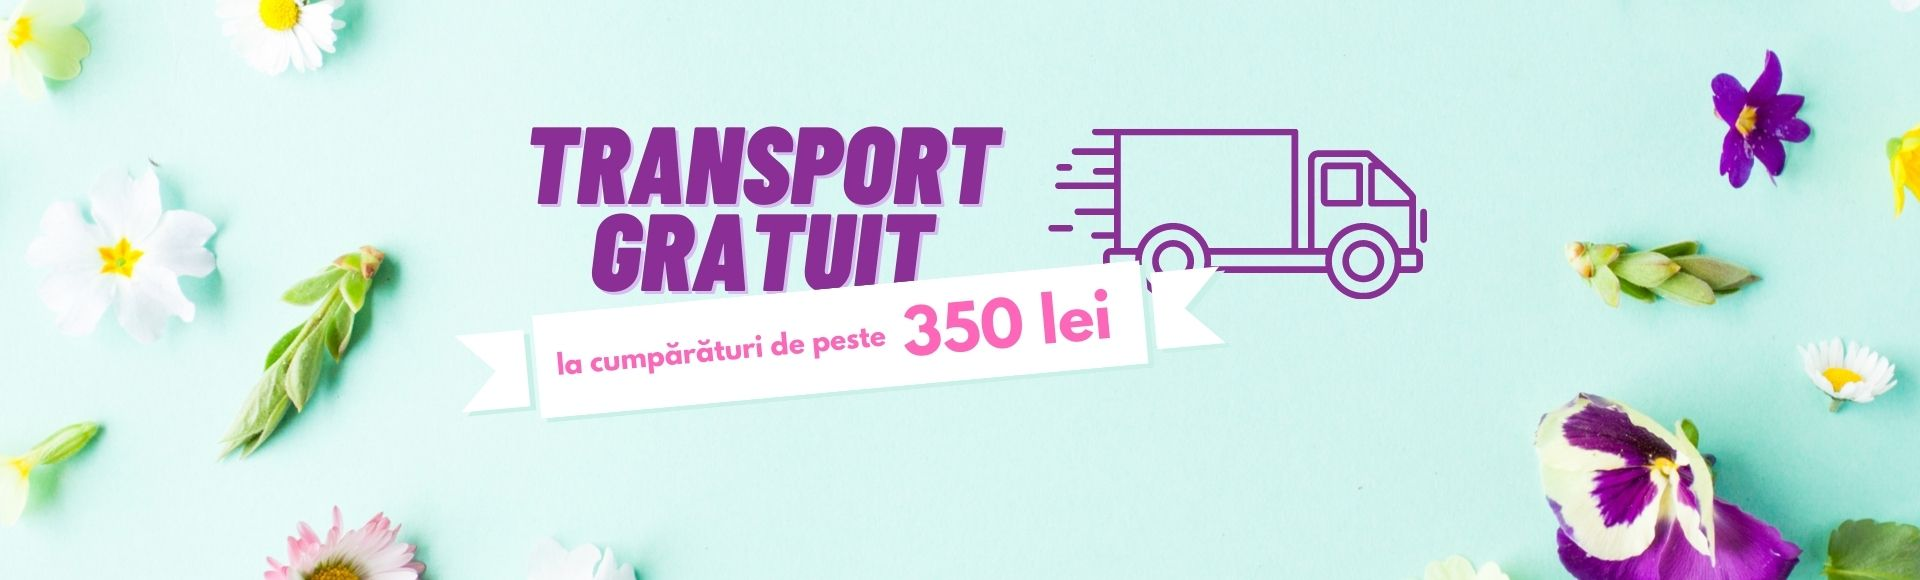 noutati transport